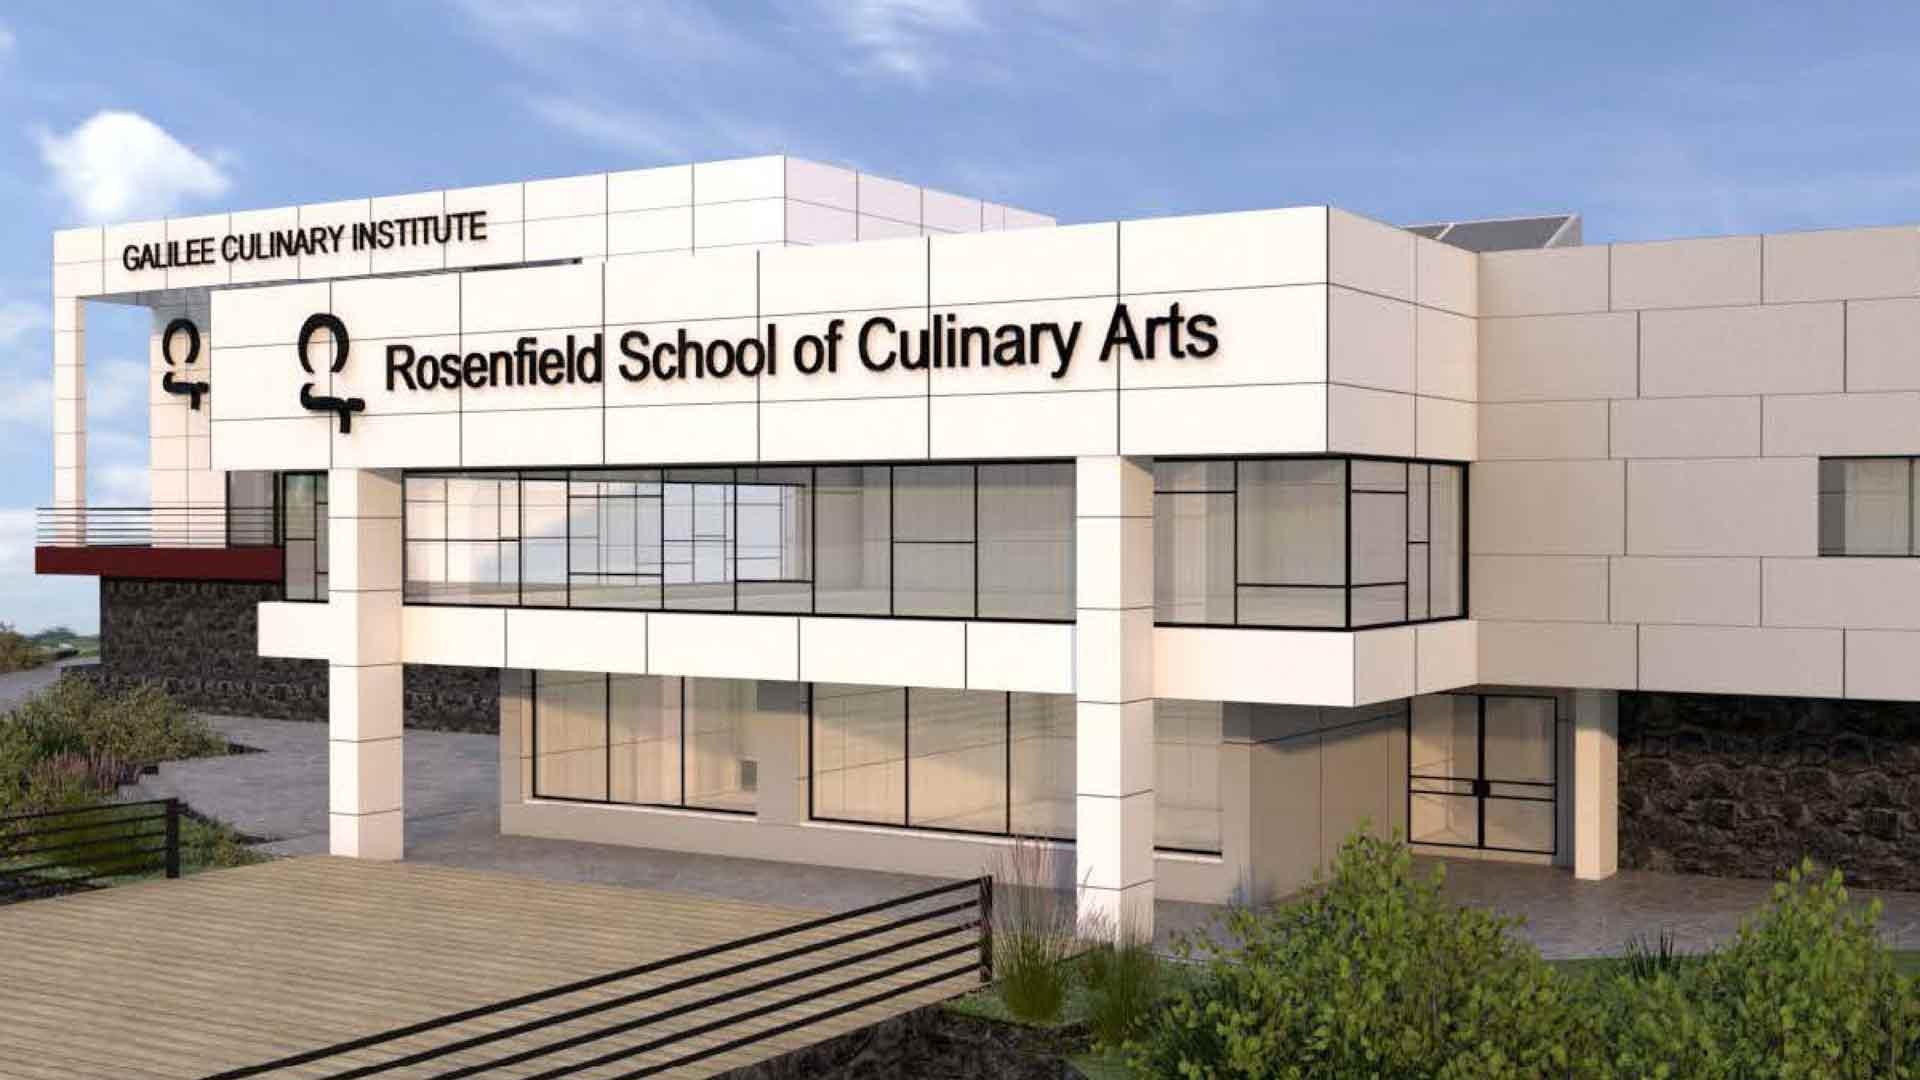 Rosenfield school